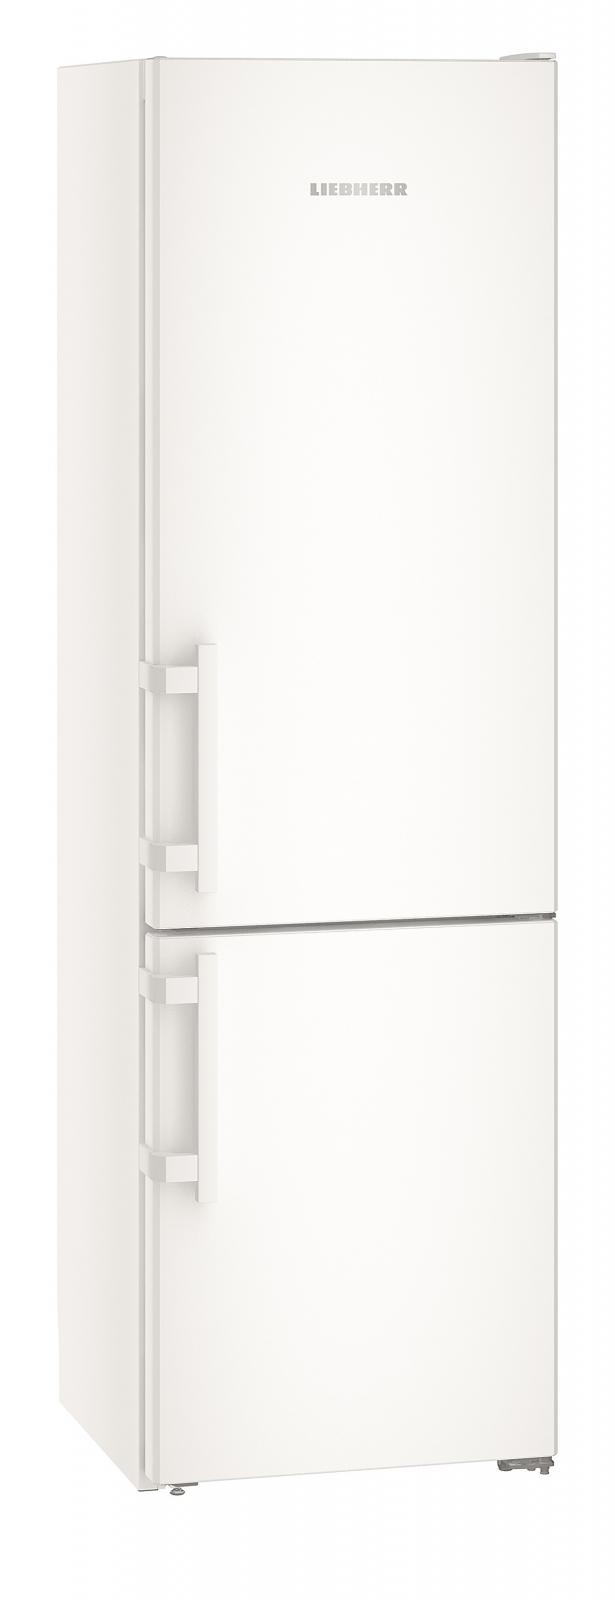 купить Двухкамерный холодильник Liebherr C 4025 Украина фото 2